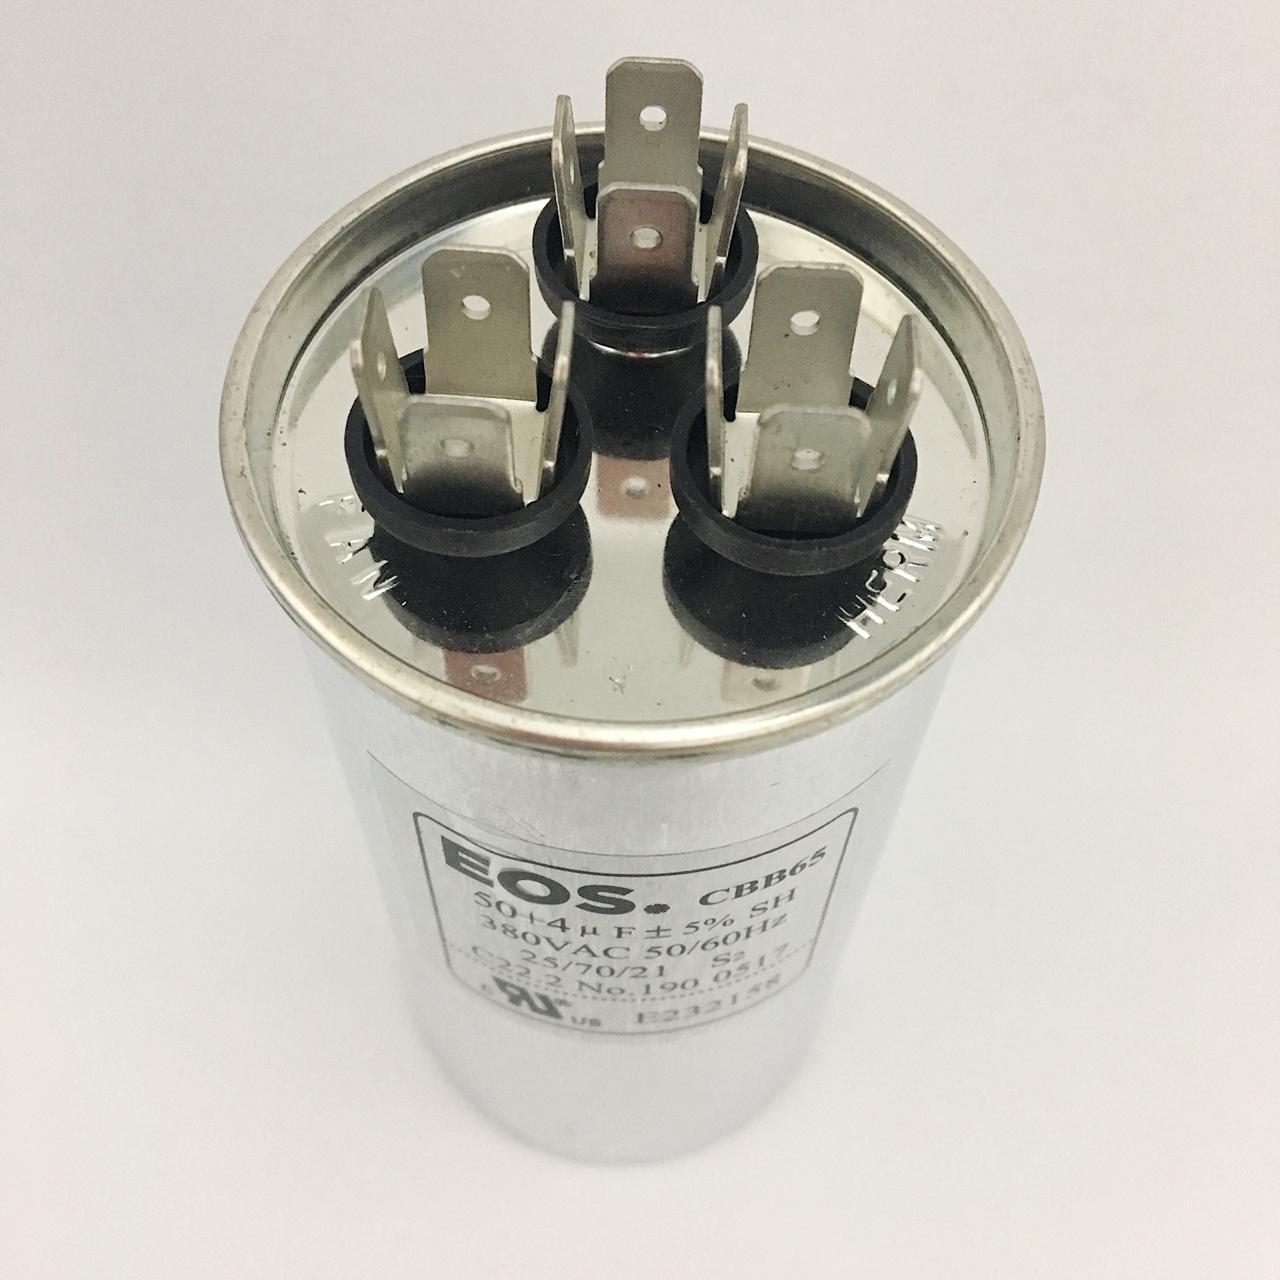 Capacitor 50+4 MFD 380V 50/60Hz